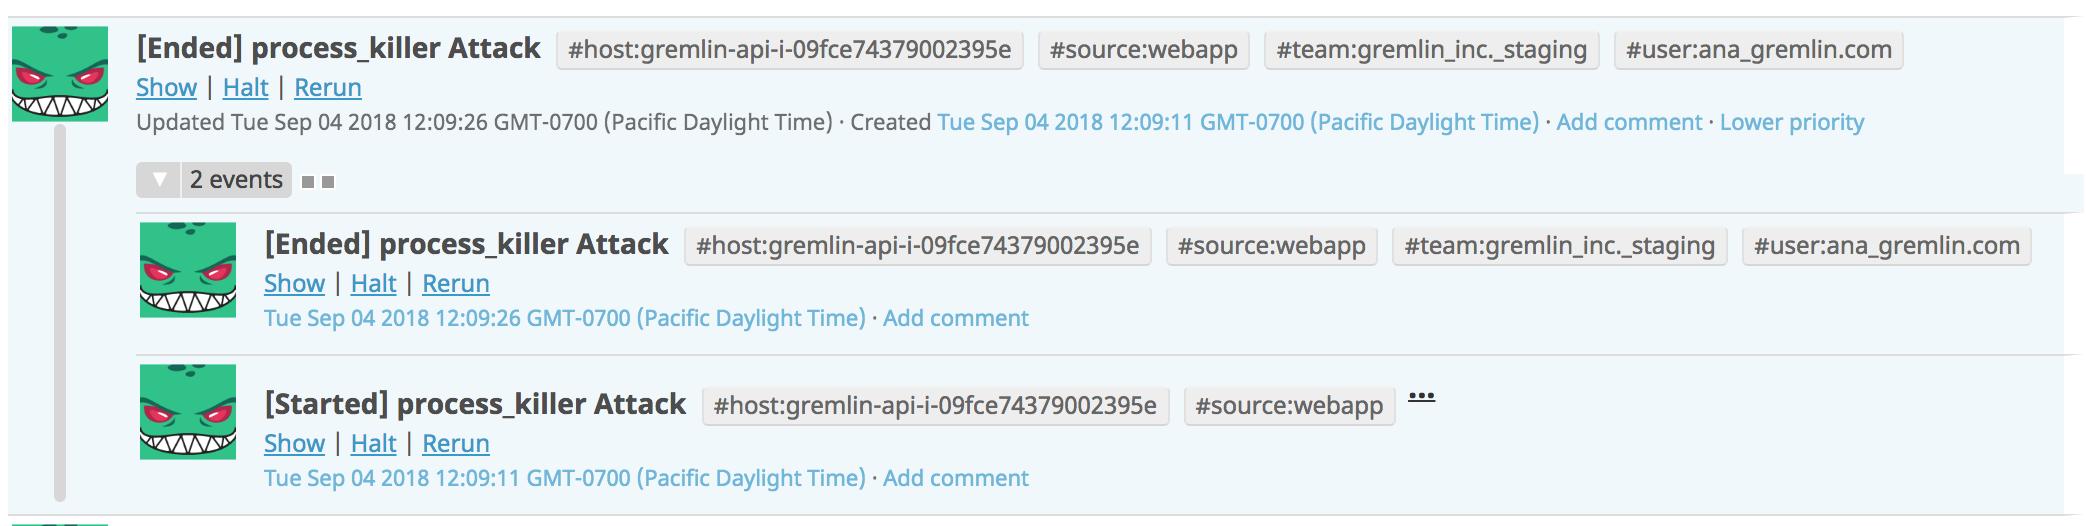 Gremlin Events Datadog Running